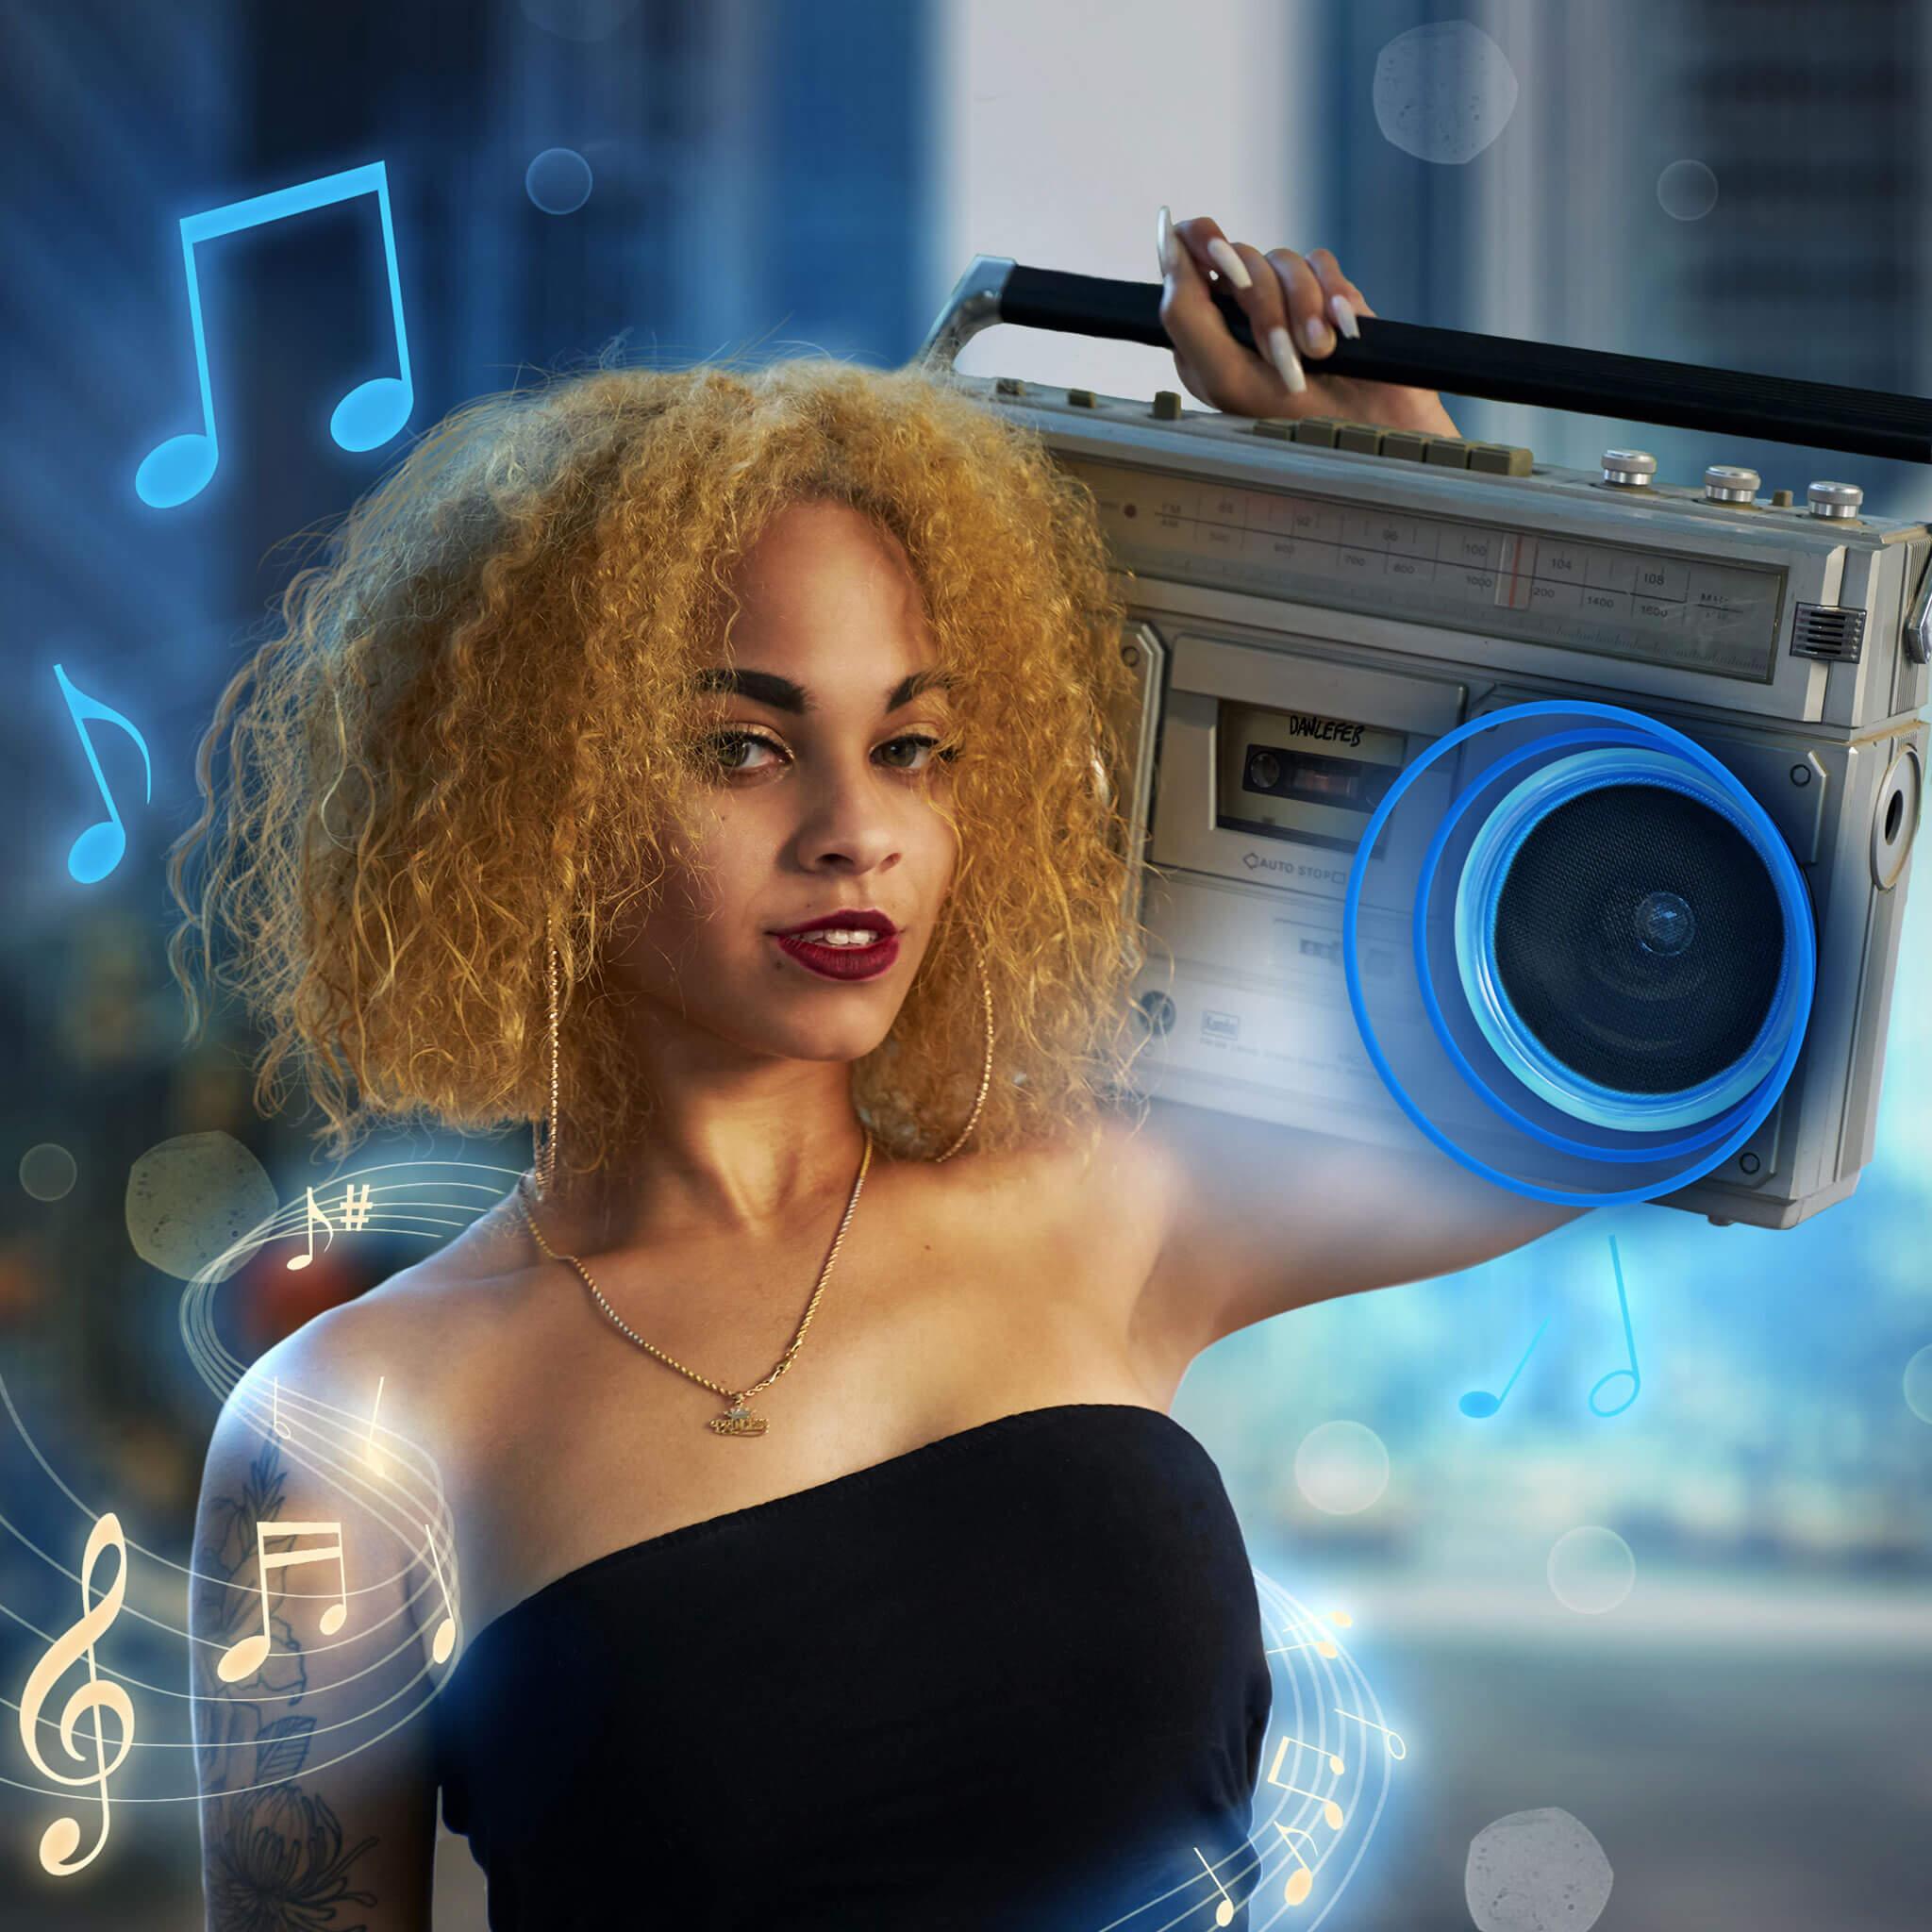 music-in-the-air.jpg